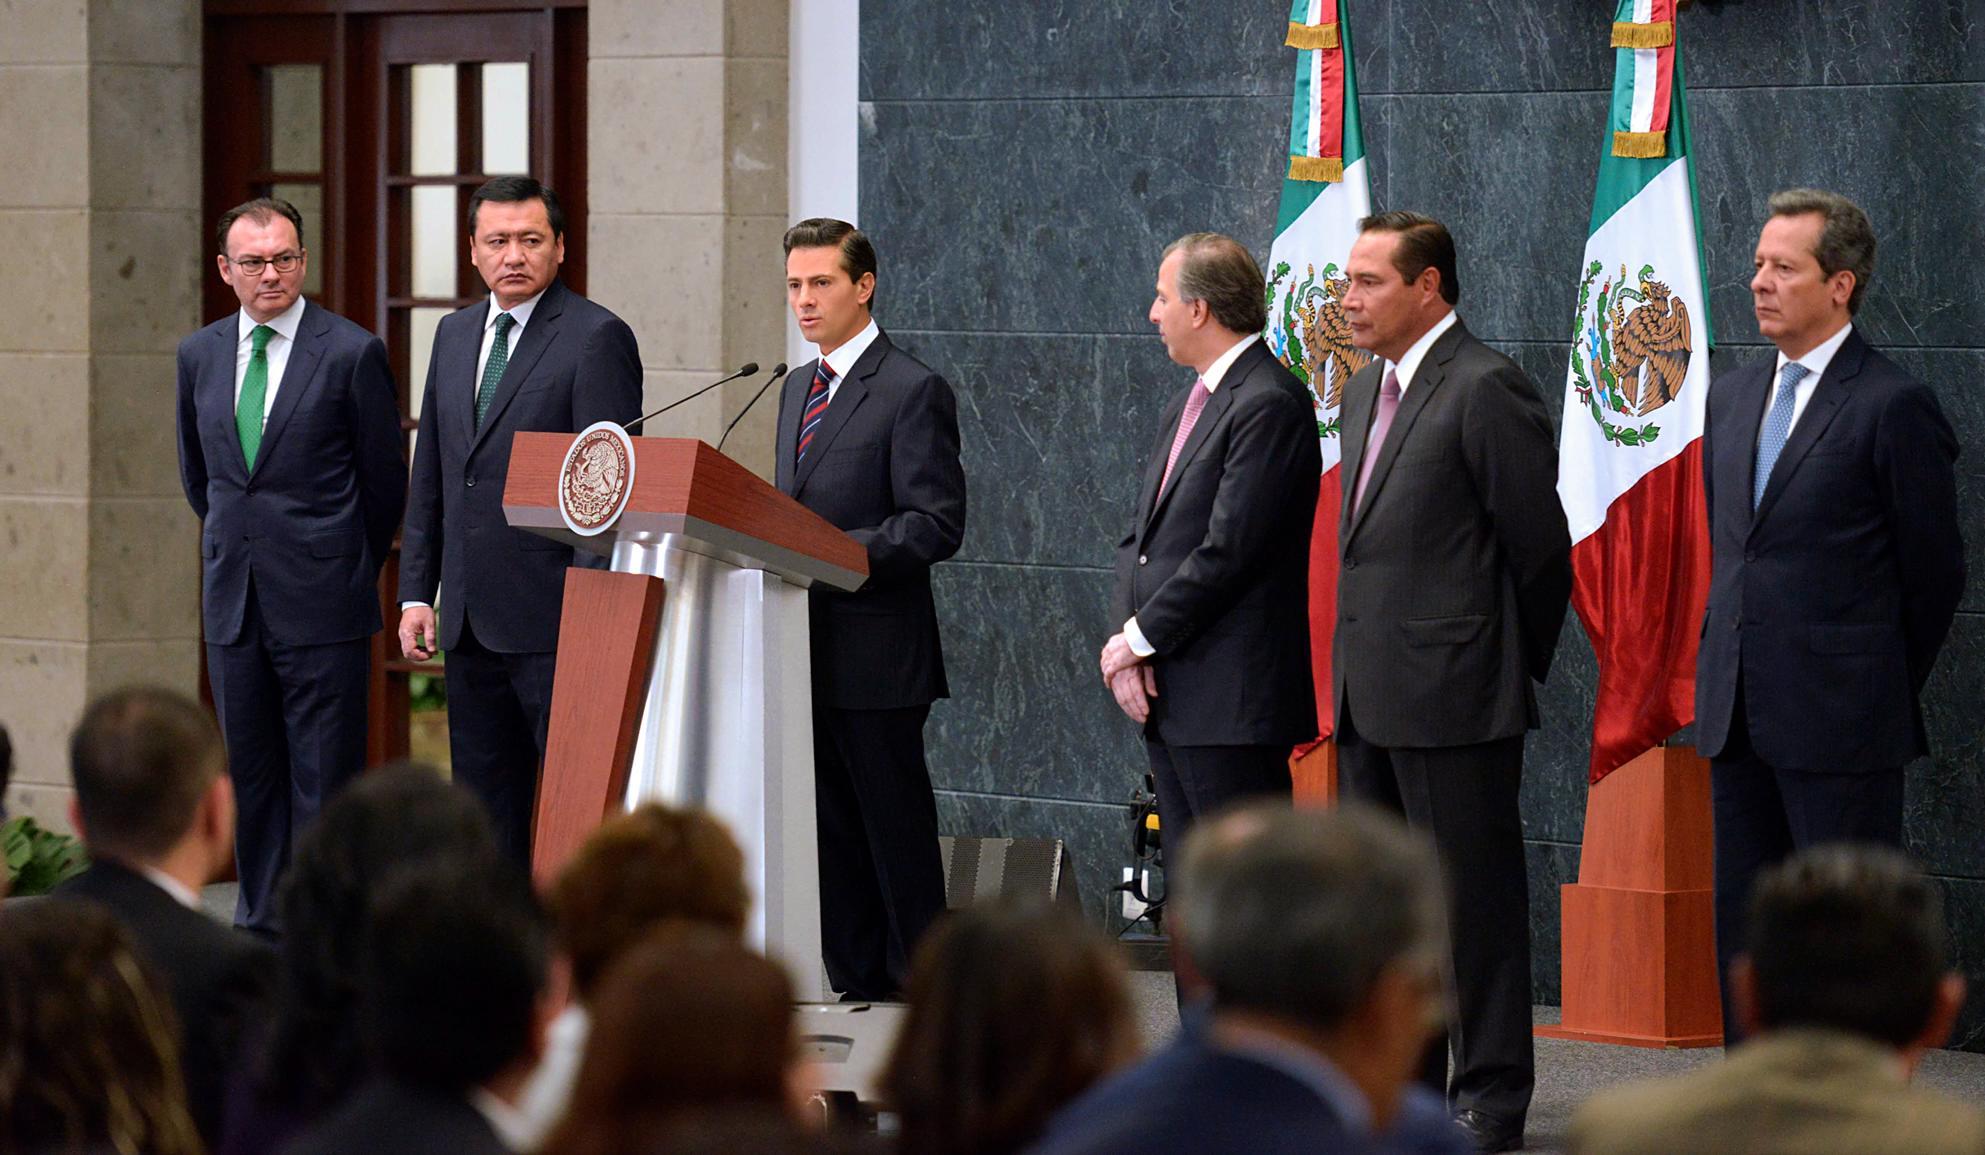 El Primer Mandatario destacó la labor y los resultados del doctor Luis Videgaray al frente de la SHCP.